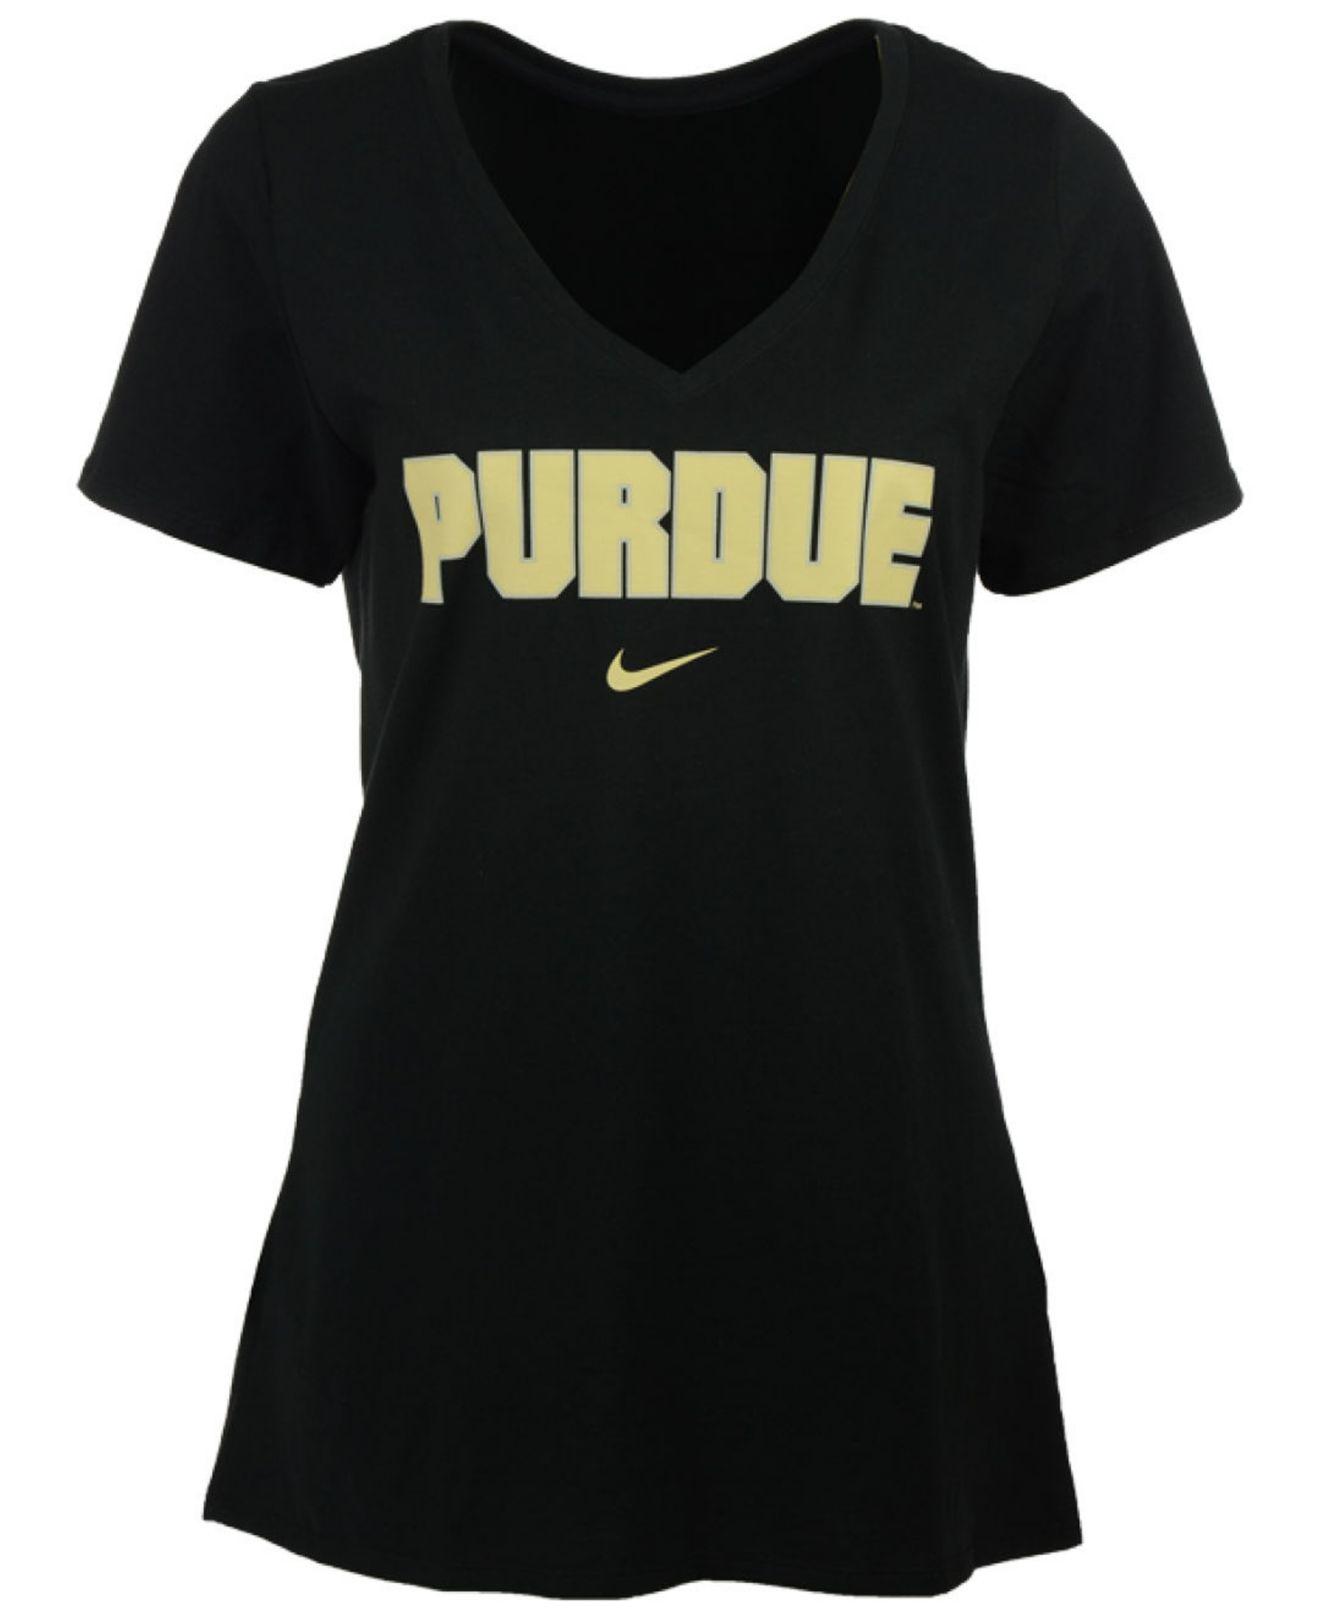 Purdue Women S Clothing